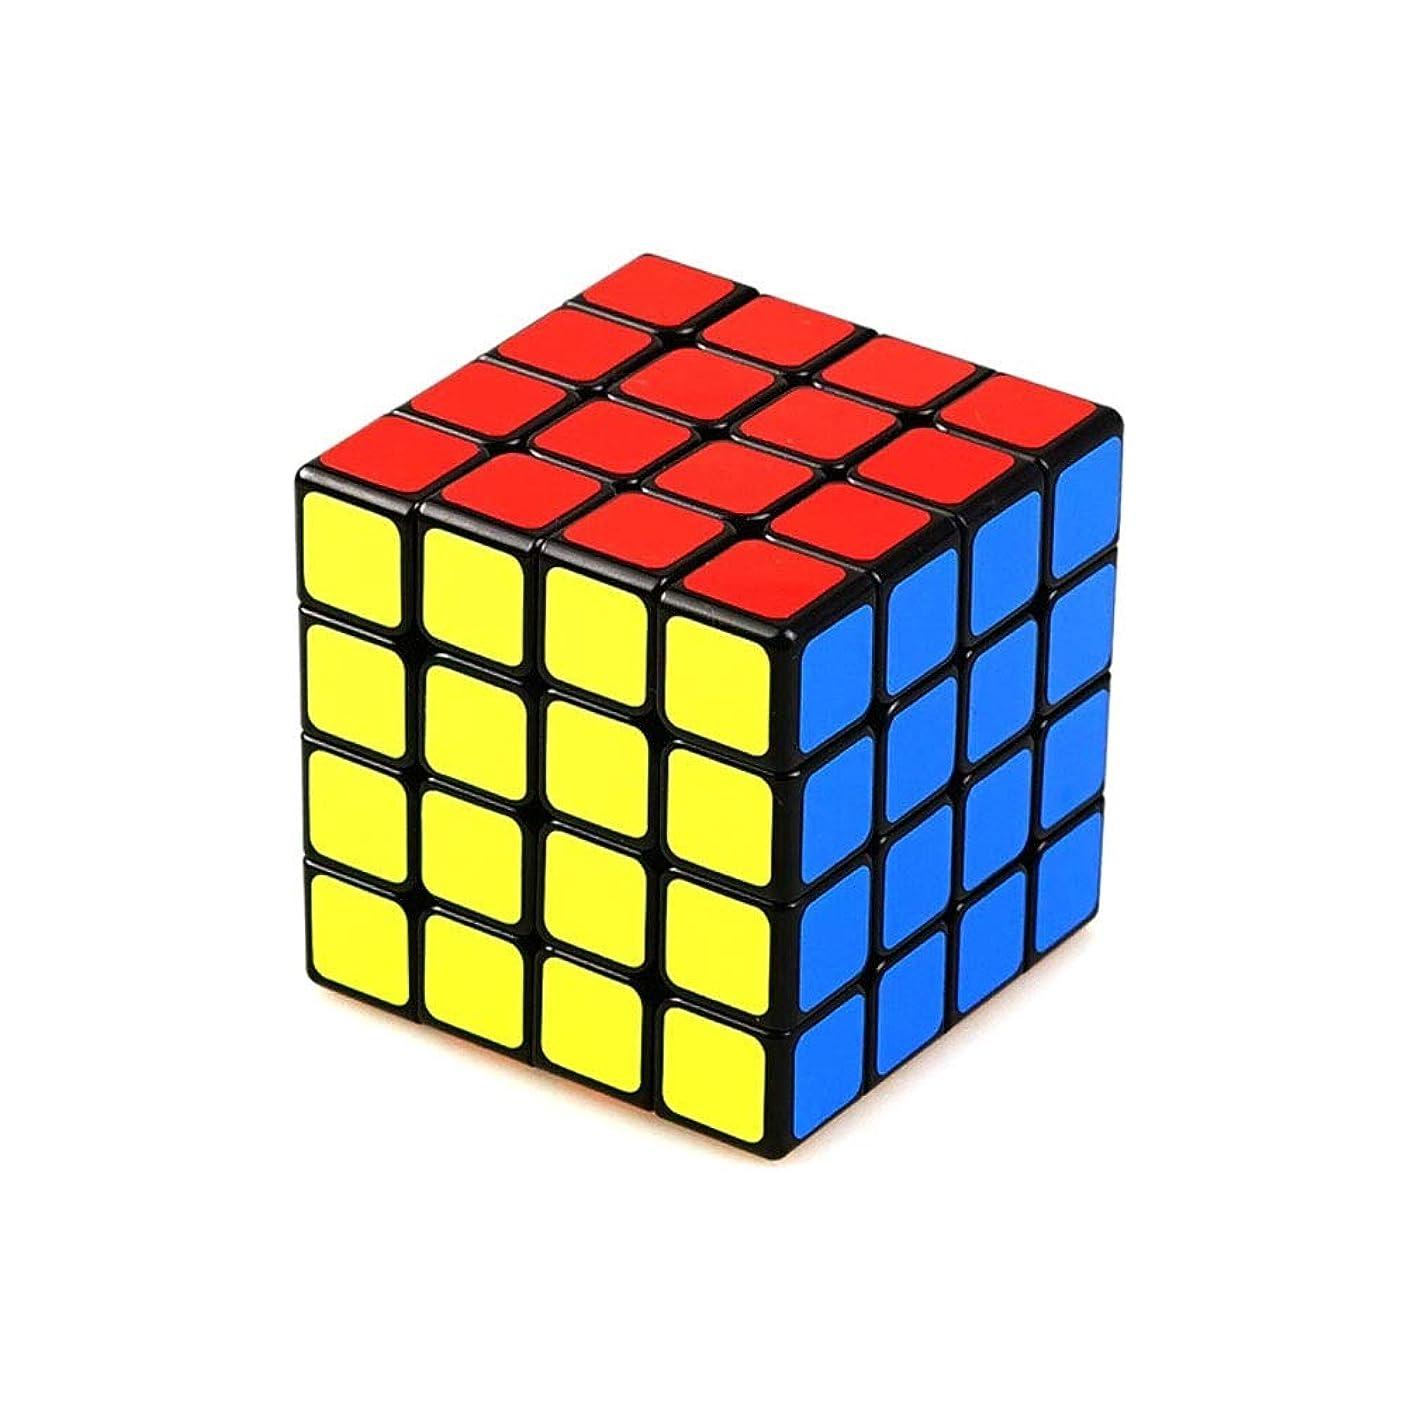 漏斗お世話になった仮装ルービックキューブ、スタイリッシュでスモールルービックキューブゲームプロフェッショナル版、使いやすく、快適で安全かつ環境にやさしいデザイン(3/4) (Edition : Fourth-order)